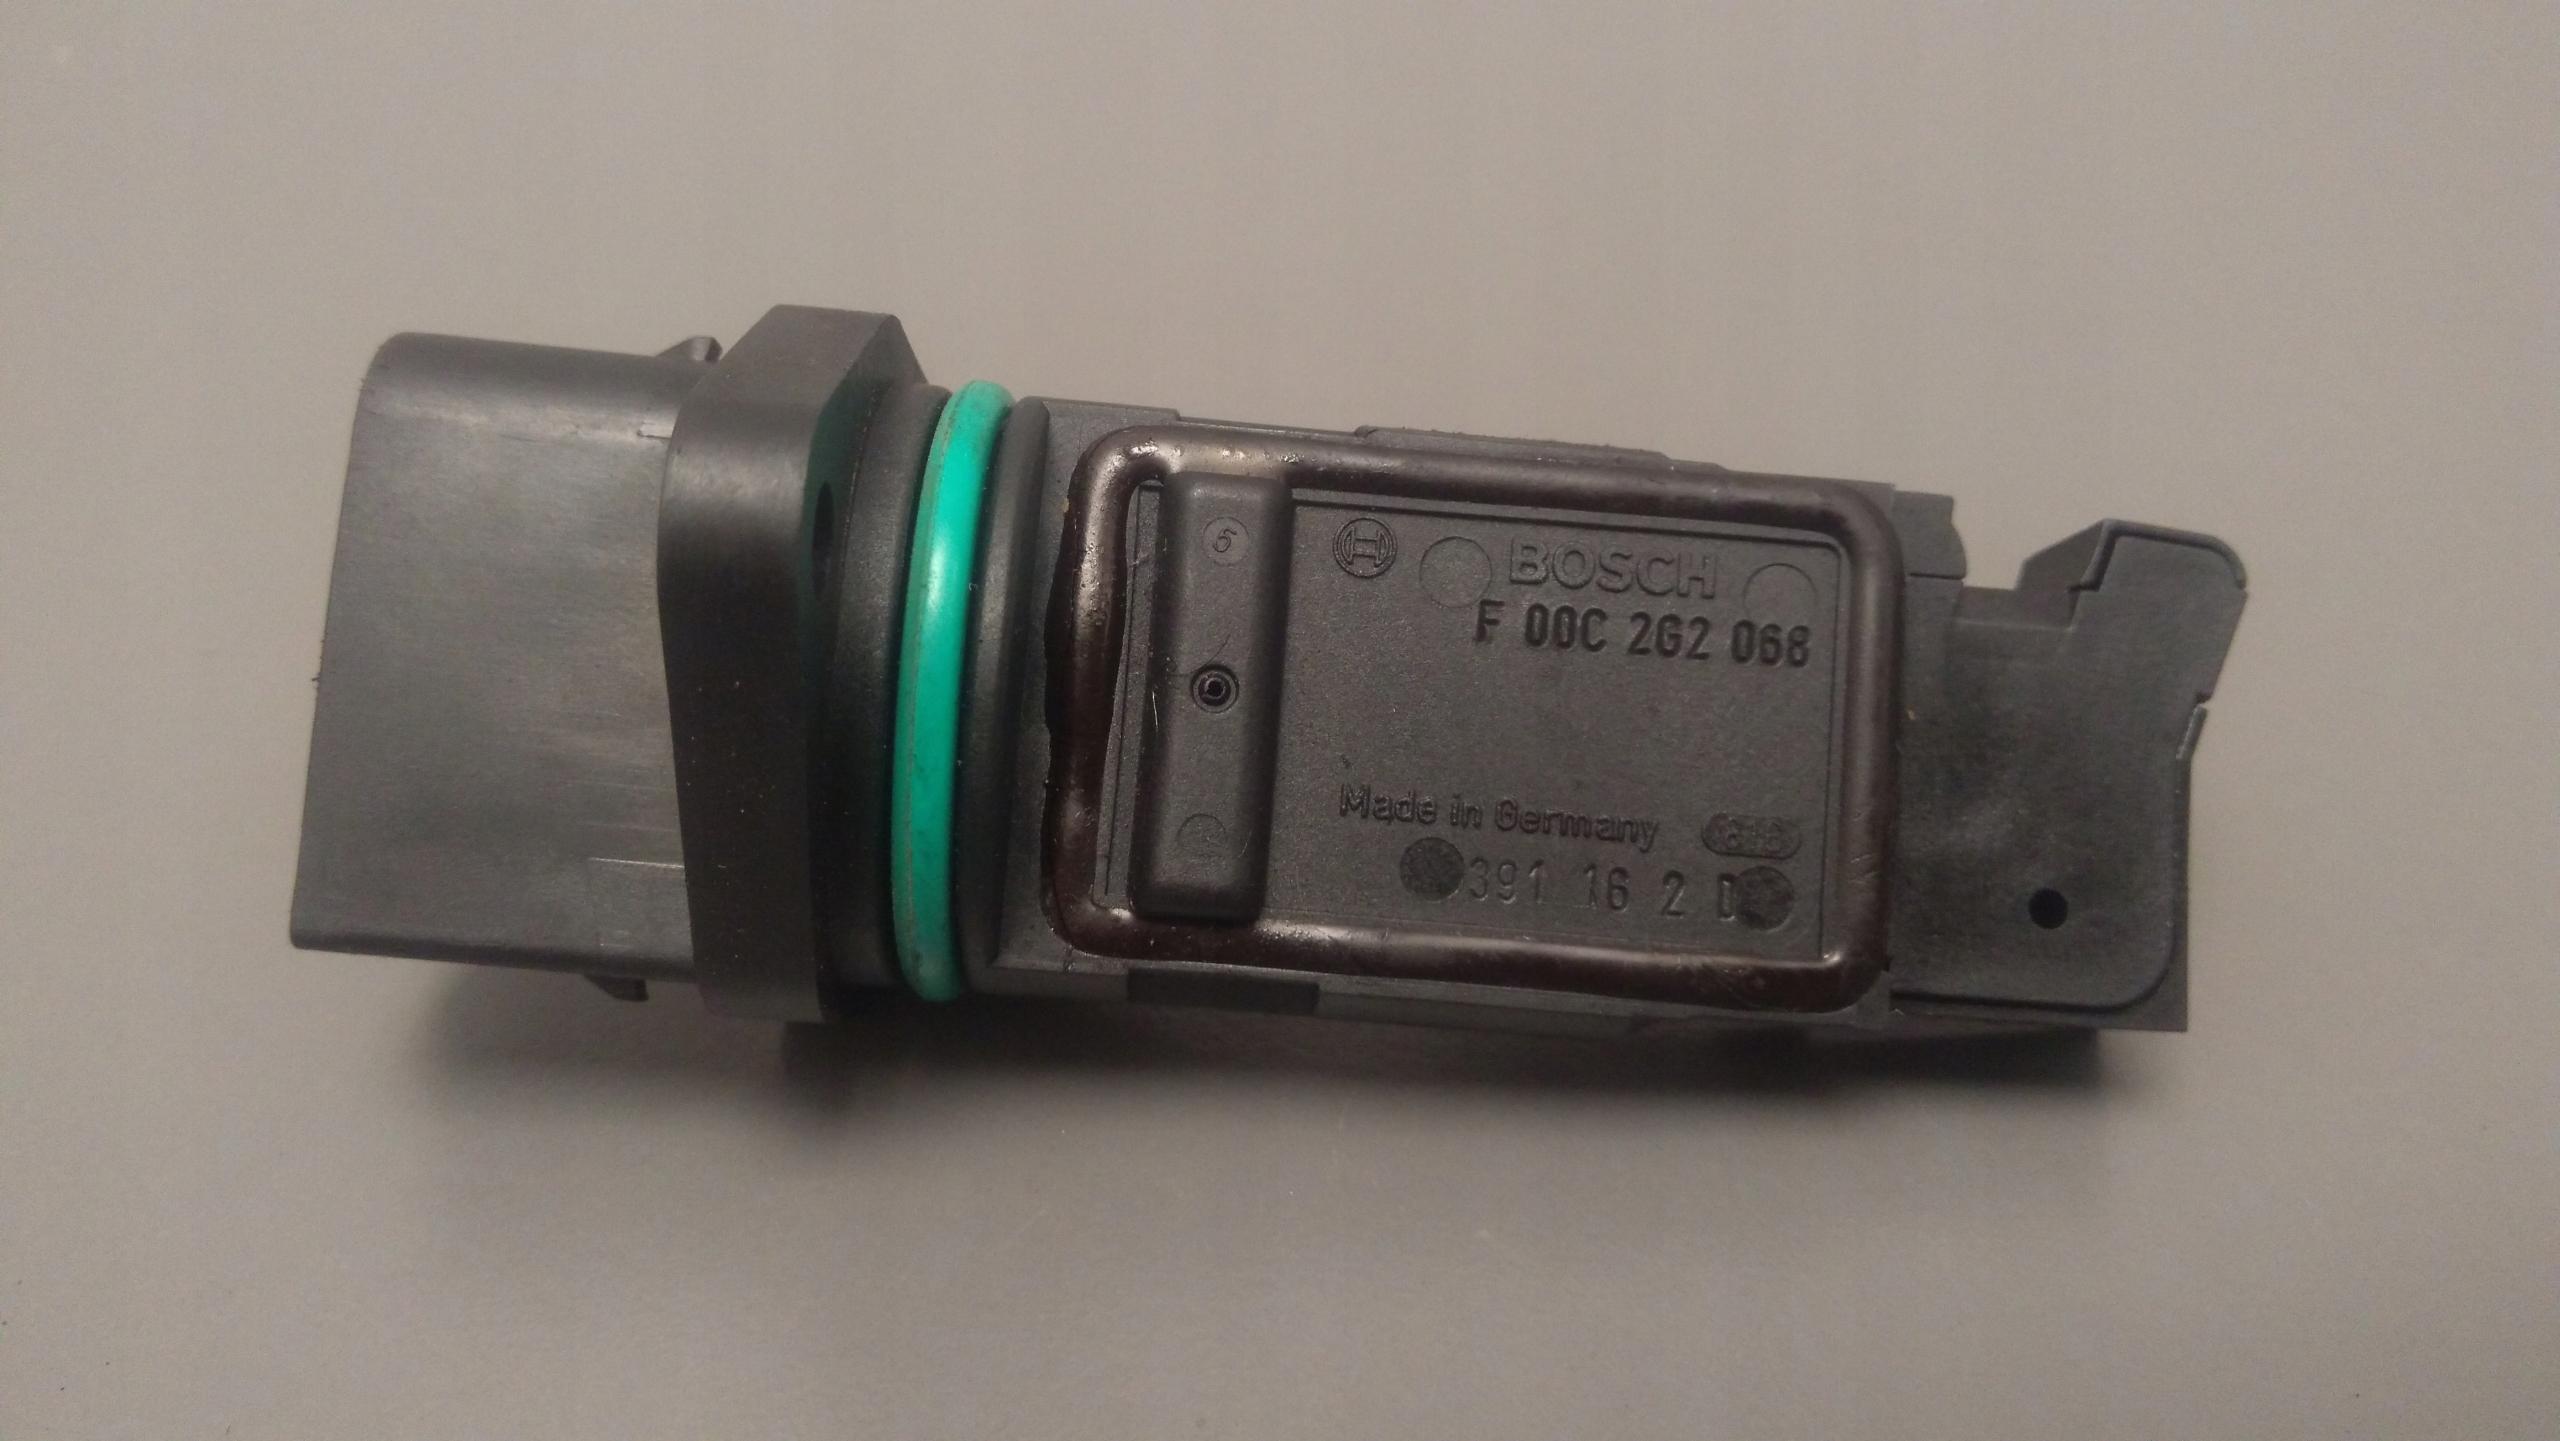 расходомер mercedes 22 32 cdi f00c2g2068